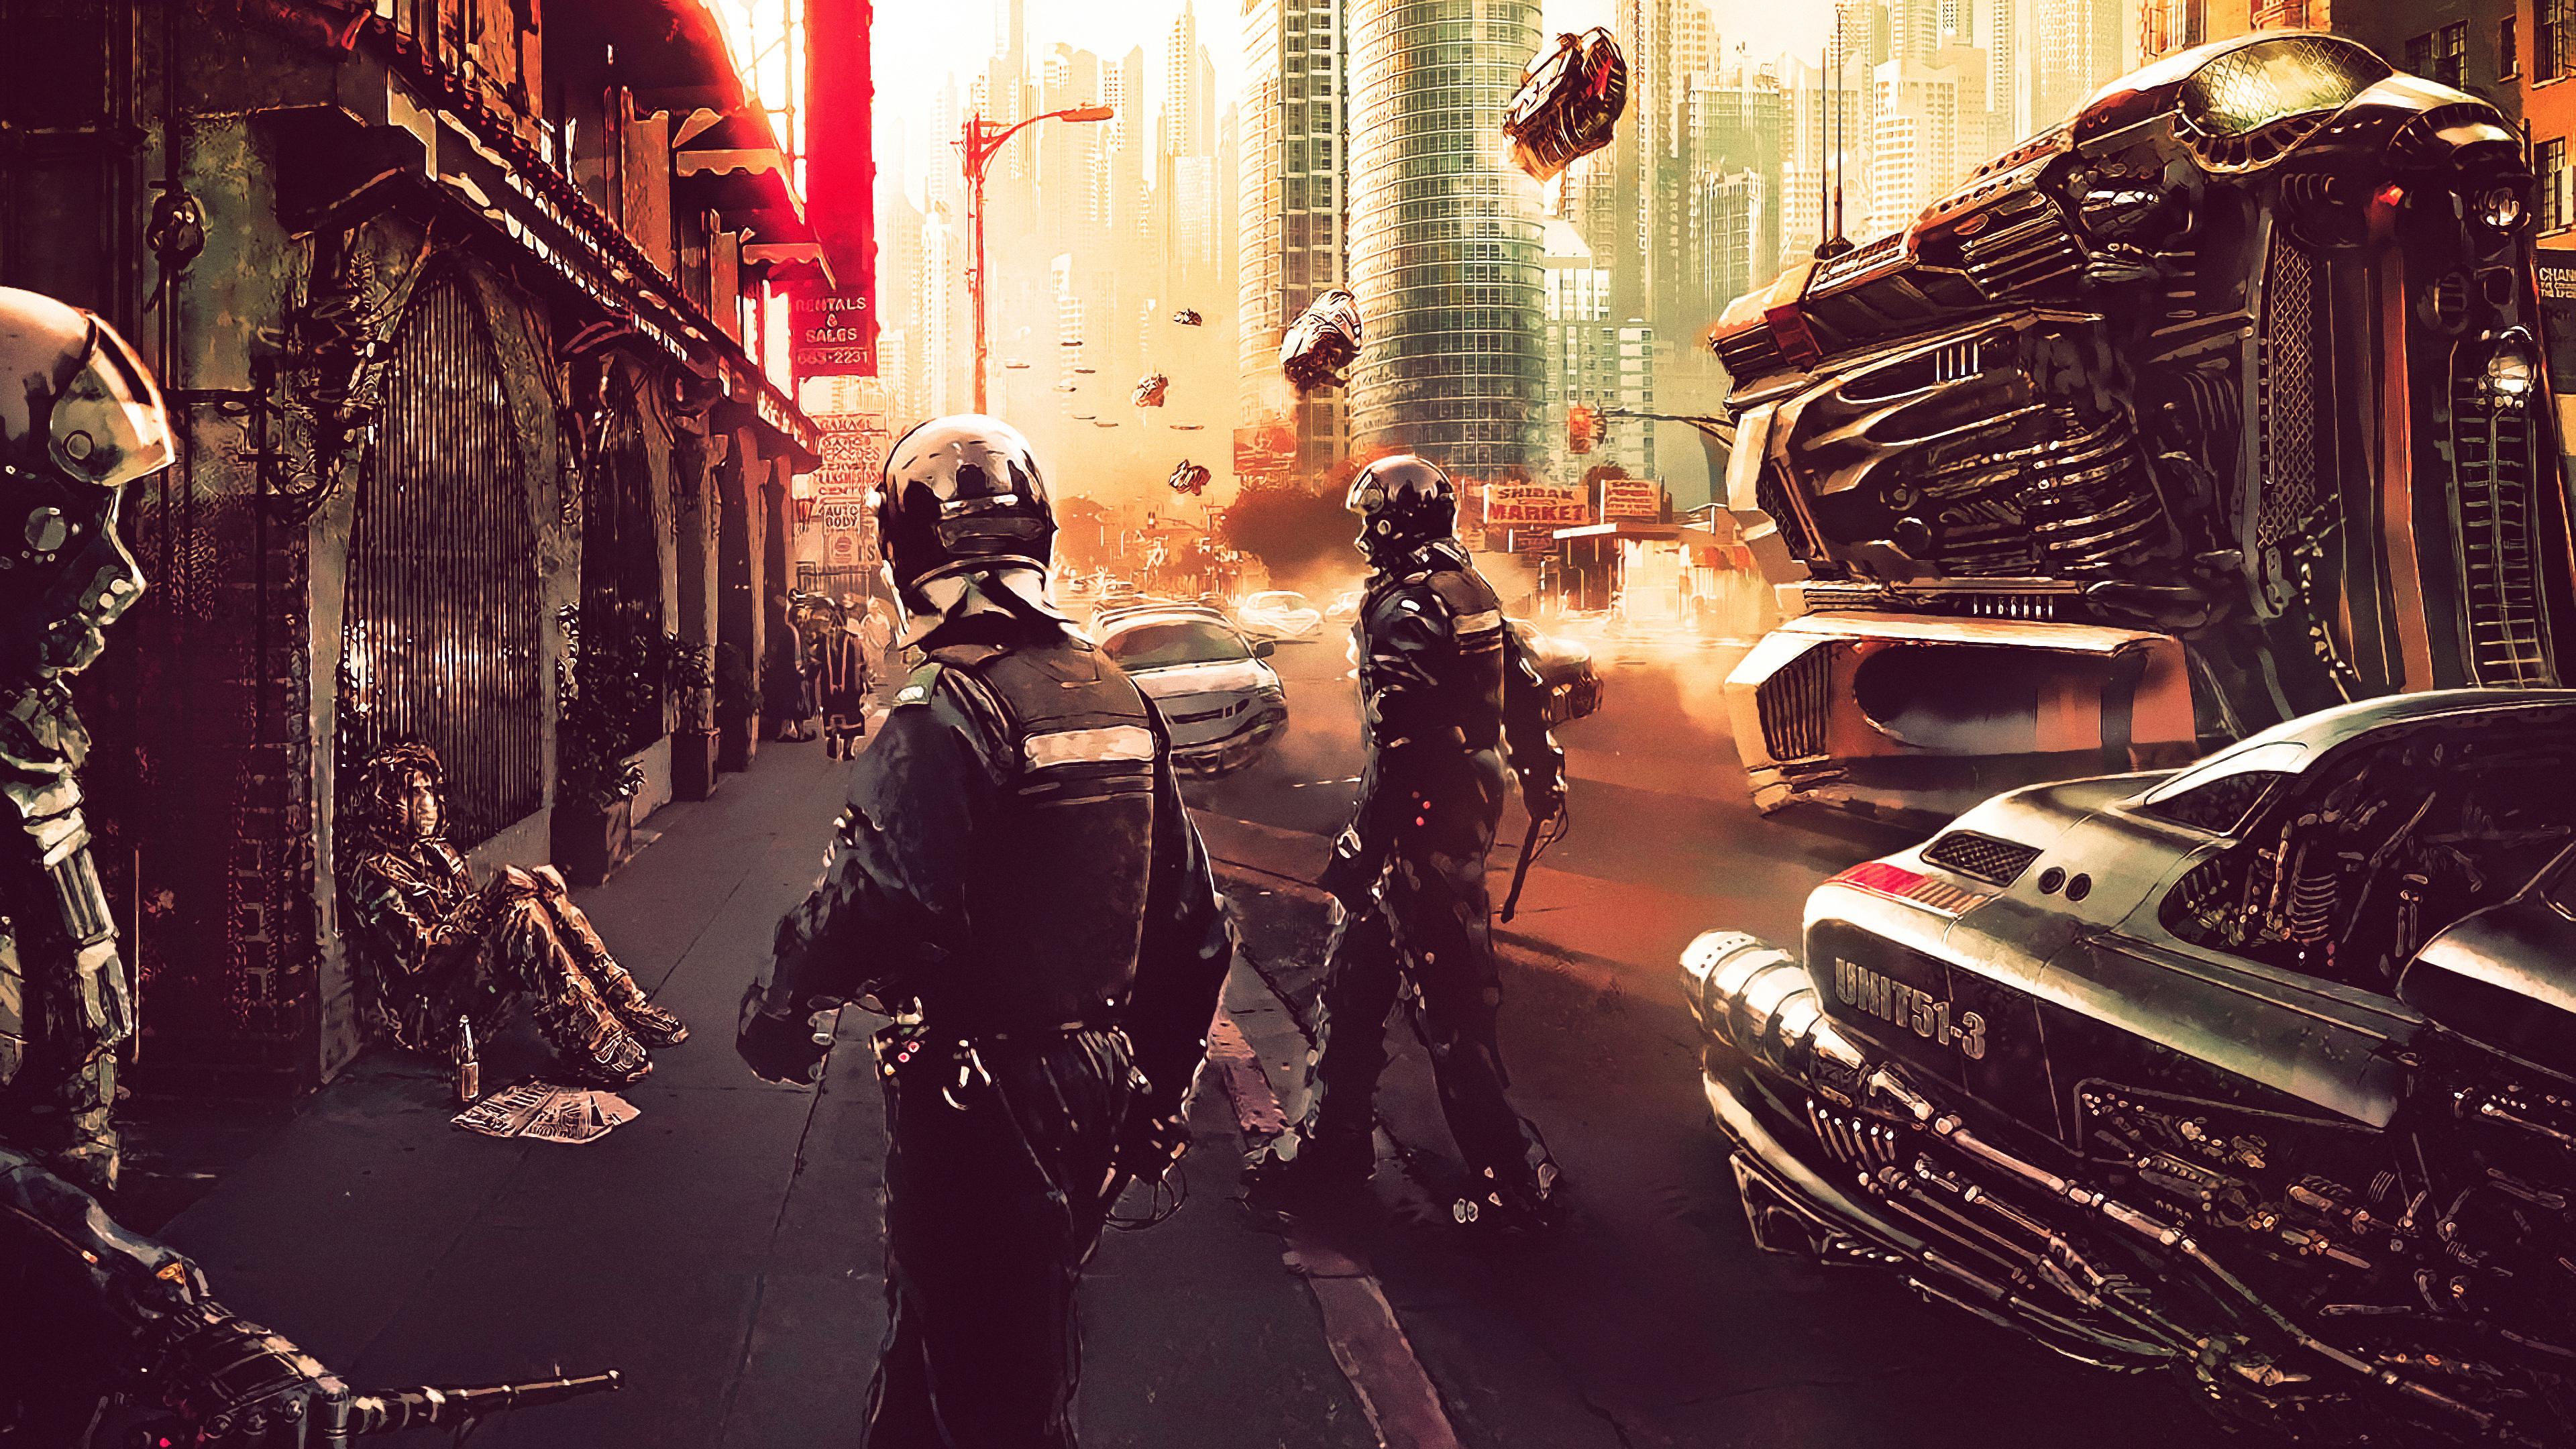 Wallpaper 4k Cyberpunk Police 4k 4k Wallpapers Artist